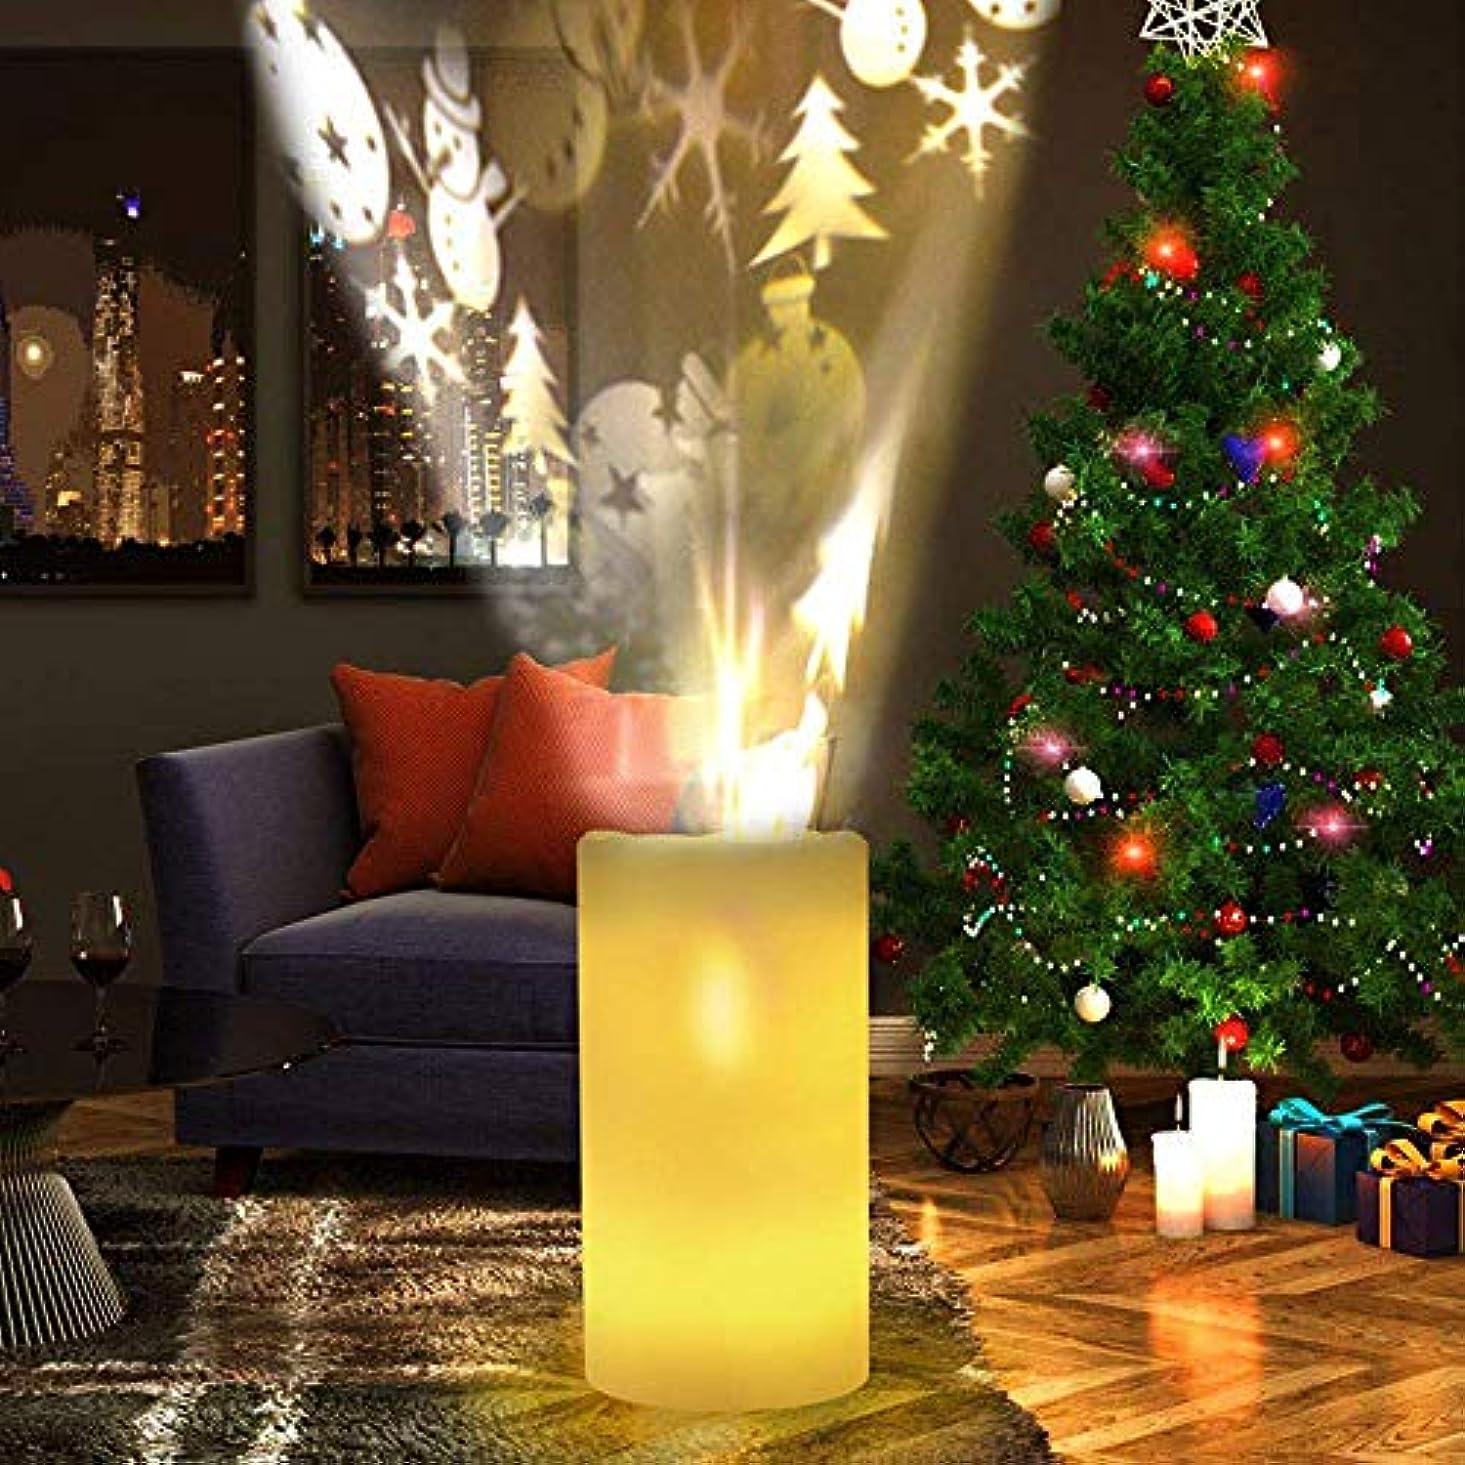 許可リビジョン手順クリスマスLEDプロジェクターキャンドル、リモートコントロールタイマー付き明滅キャンドルプロジェクションランプナイトライトバッテリー式フレームレスキャンドル、結婚式誕生日パーティーフェスティバルホームインテリア